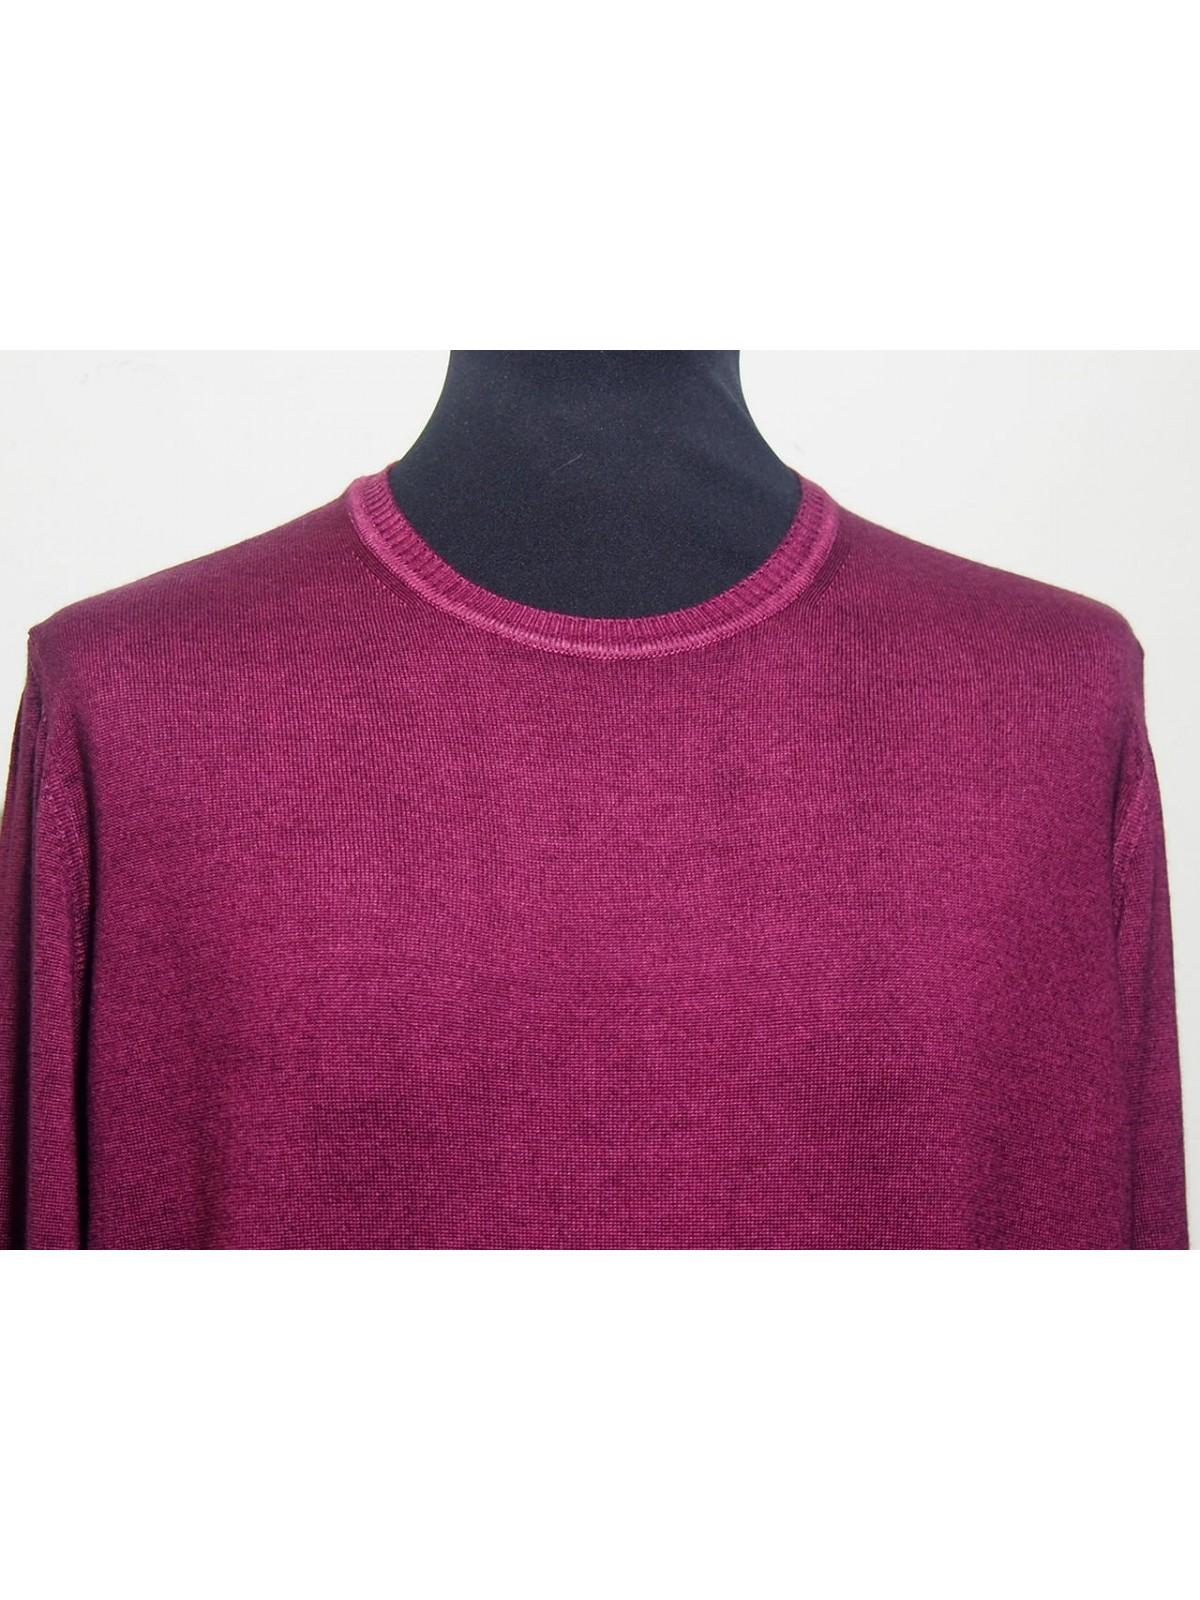 Джемпер мужской Wool & Co 0001 0059